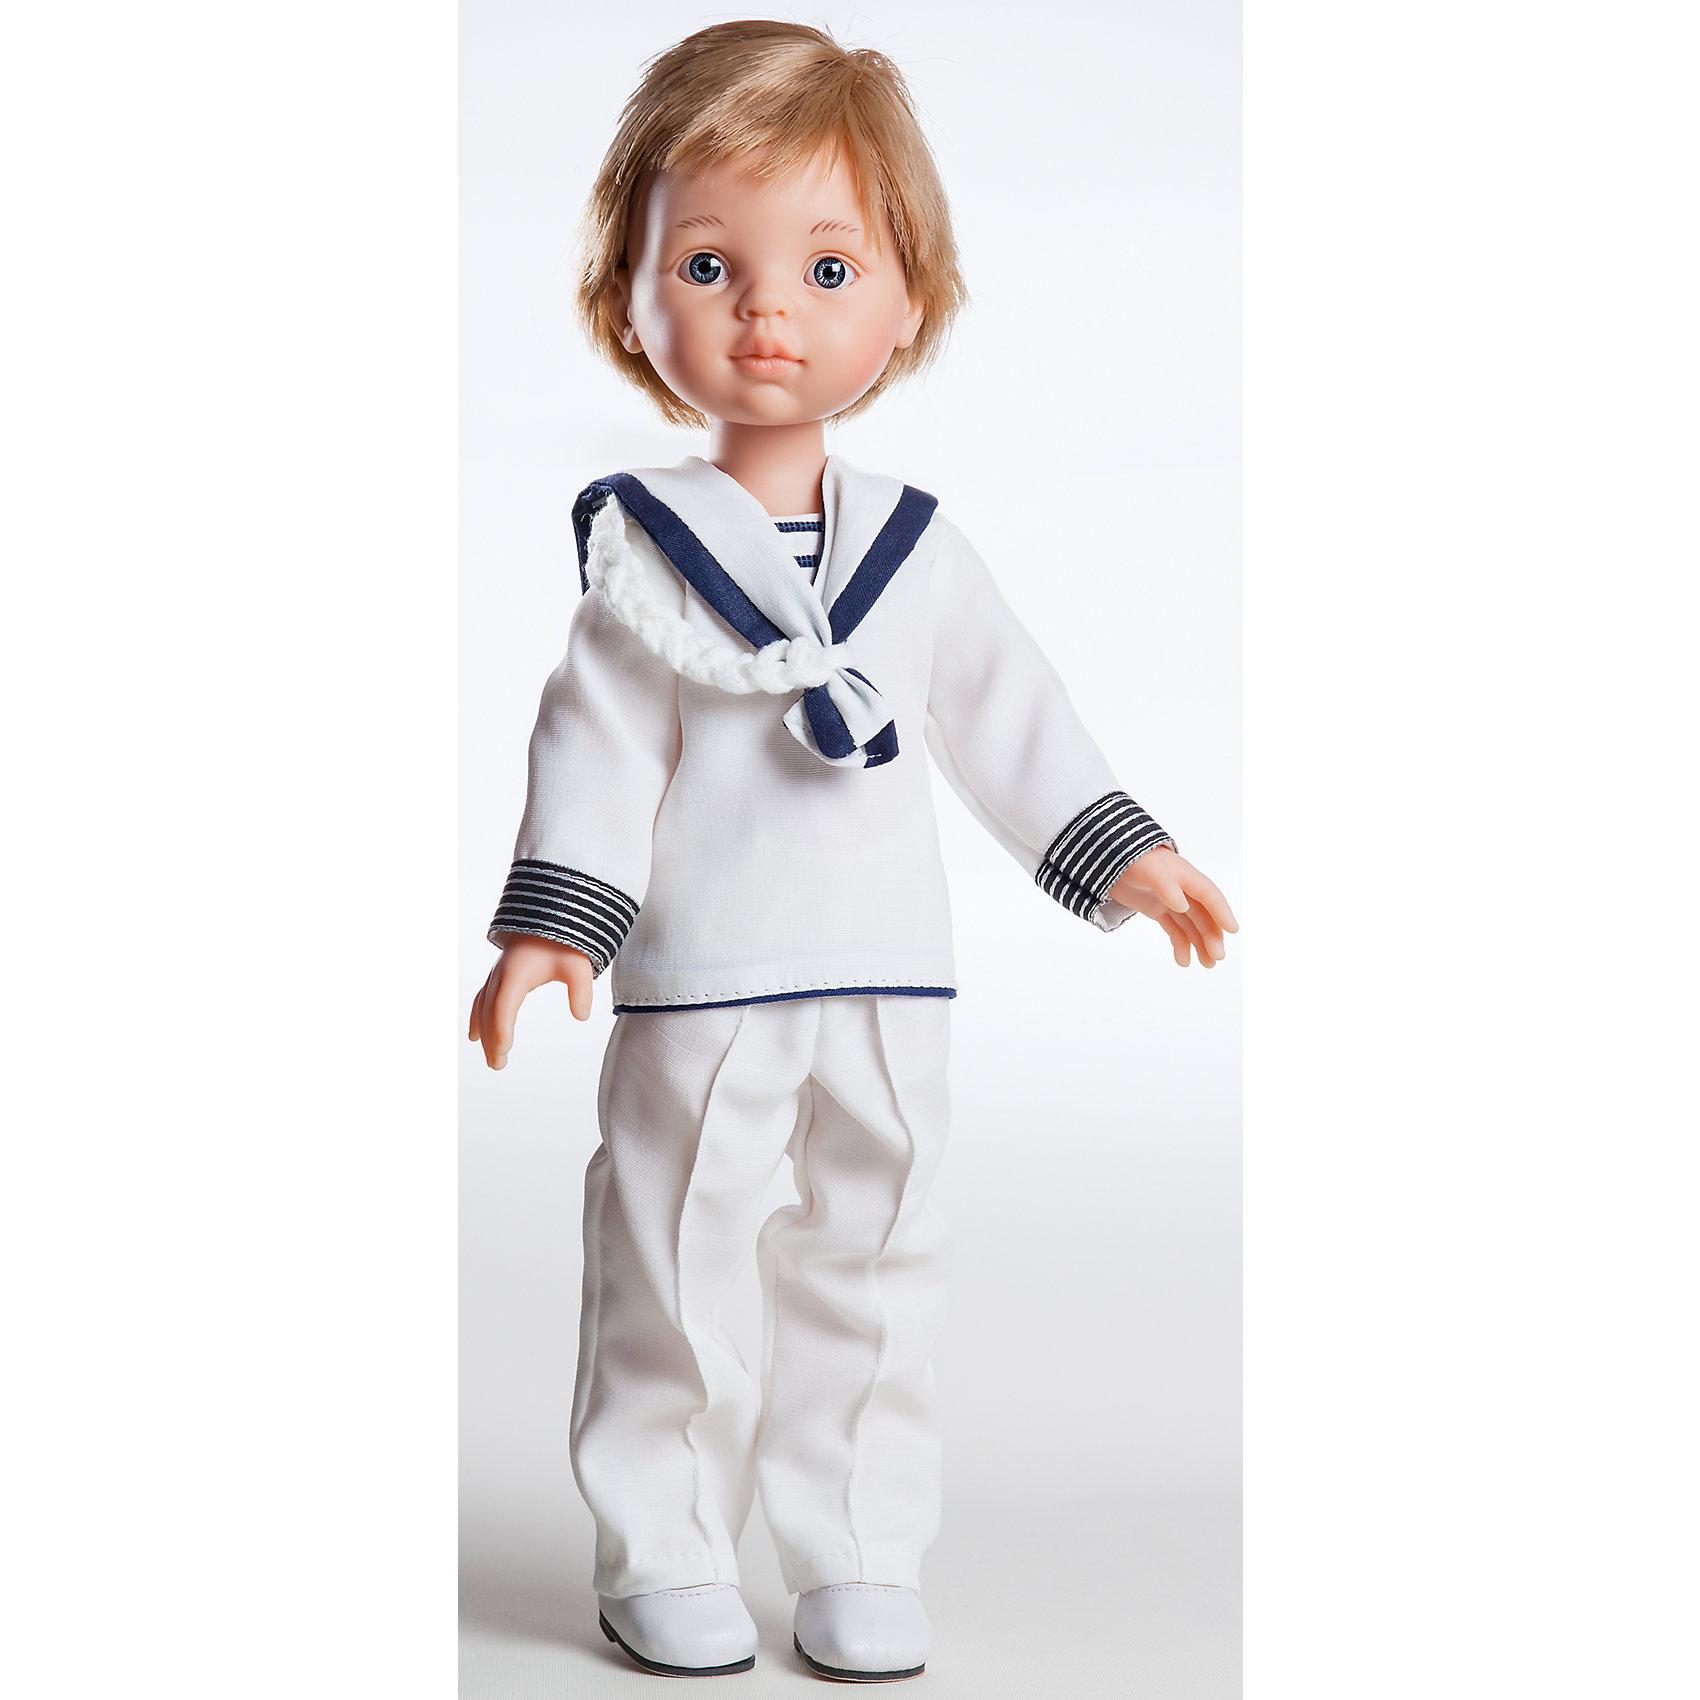 Кукла Луис, 32 см, Paola ReinaКлассические куклы<br>Кукла имеет нежный ванильный аромат; уникальный и неповторимый дизайн лица и тела; ручная работа (ресницы, веснушки, щечки, губы, прическа); волосы легко расчесываются и блестят; ручки, ножки и голова поворачиваются. <br>Качество подтверждено нормами безопасности EN17 ЕЭС. <br>Материалы: кукла изготовлена из винила; глаза выполнены в виде кристалла из прозрачного твердого пластика; волосы сделаны из высококачественного нейлона.<br><br>Ширина мм: 110<br>Глубина мм: 230<br>Высота мм: 410<br>Вес г: 667<br>Возраст от месяцев: 36<br>Возраст до месяцев: 144<br>Пол: Женский<br>Возраст: Детский<br>SKU: 4795918